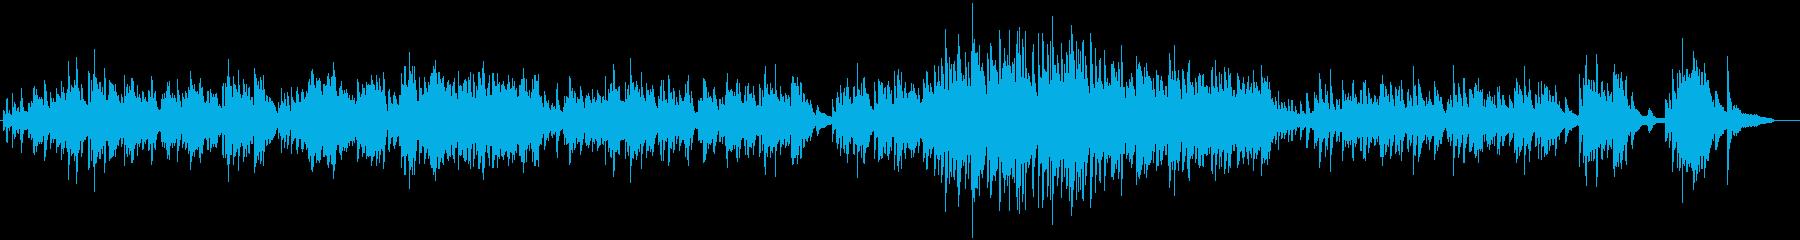 ピアノ生演奏!高貴でクラシカルなワルツの再生済みの波形